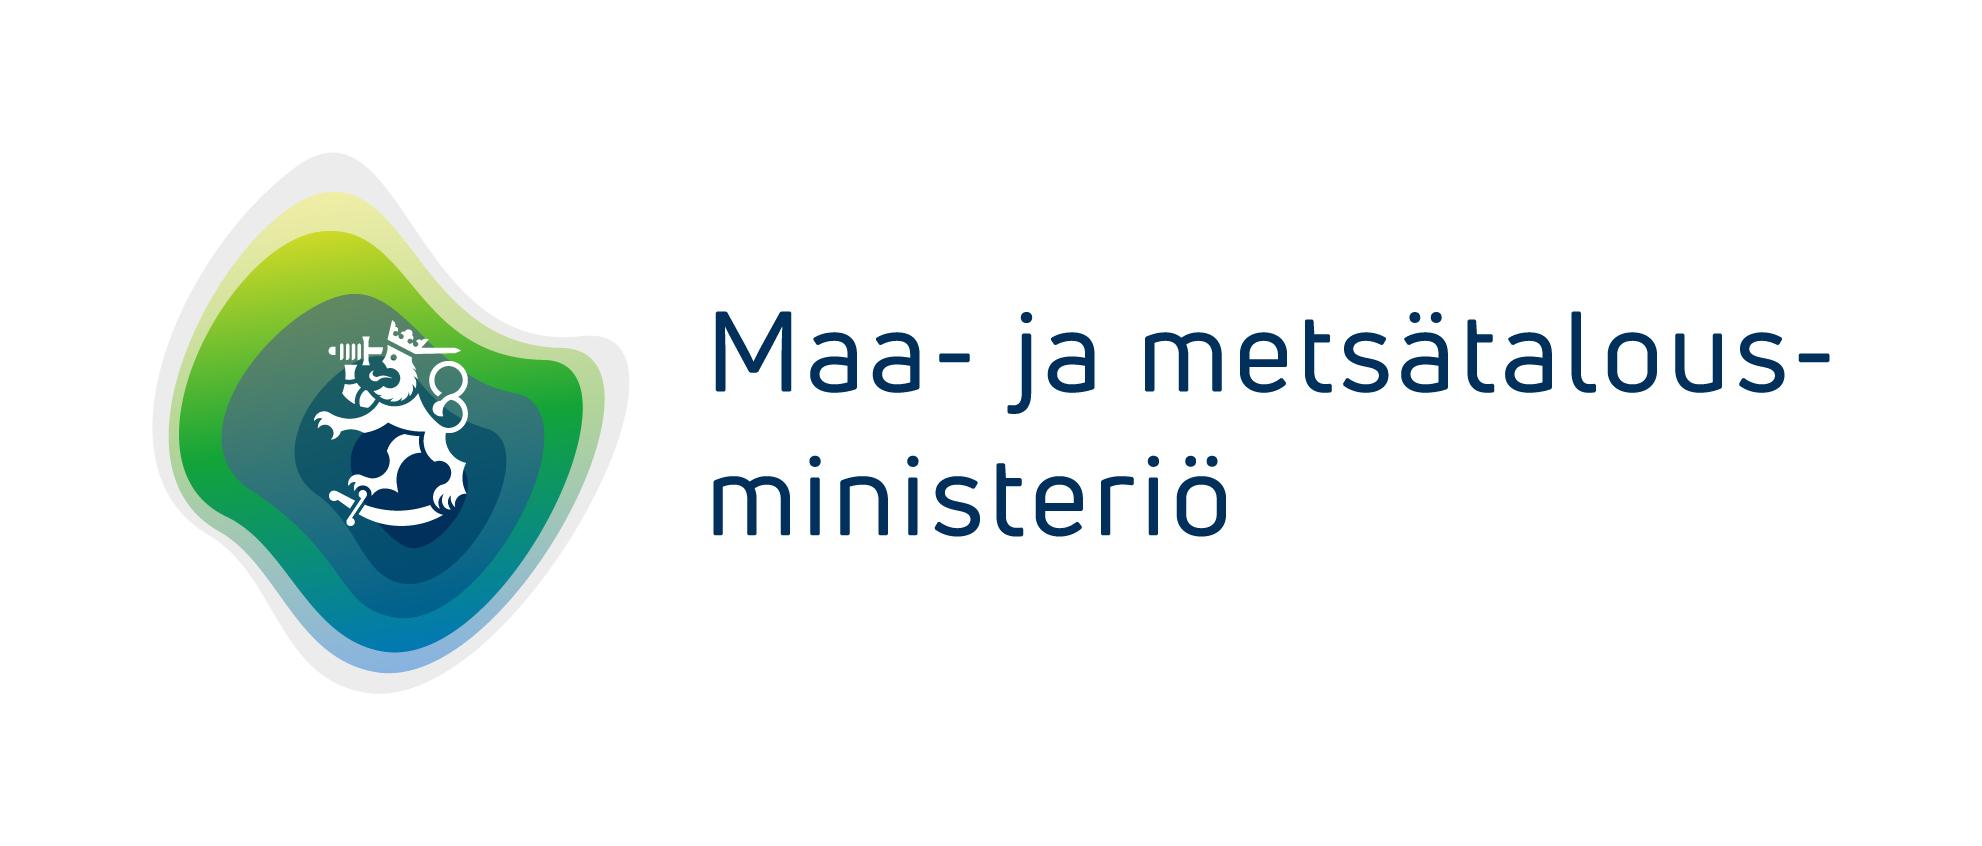 Maa- ja metsätalousministeriö